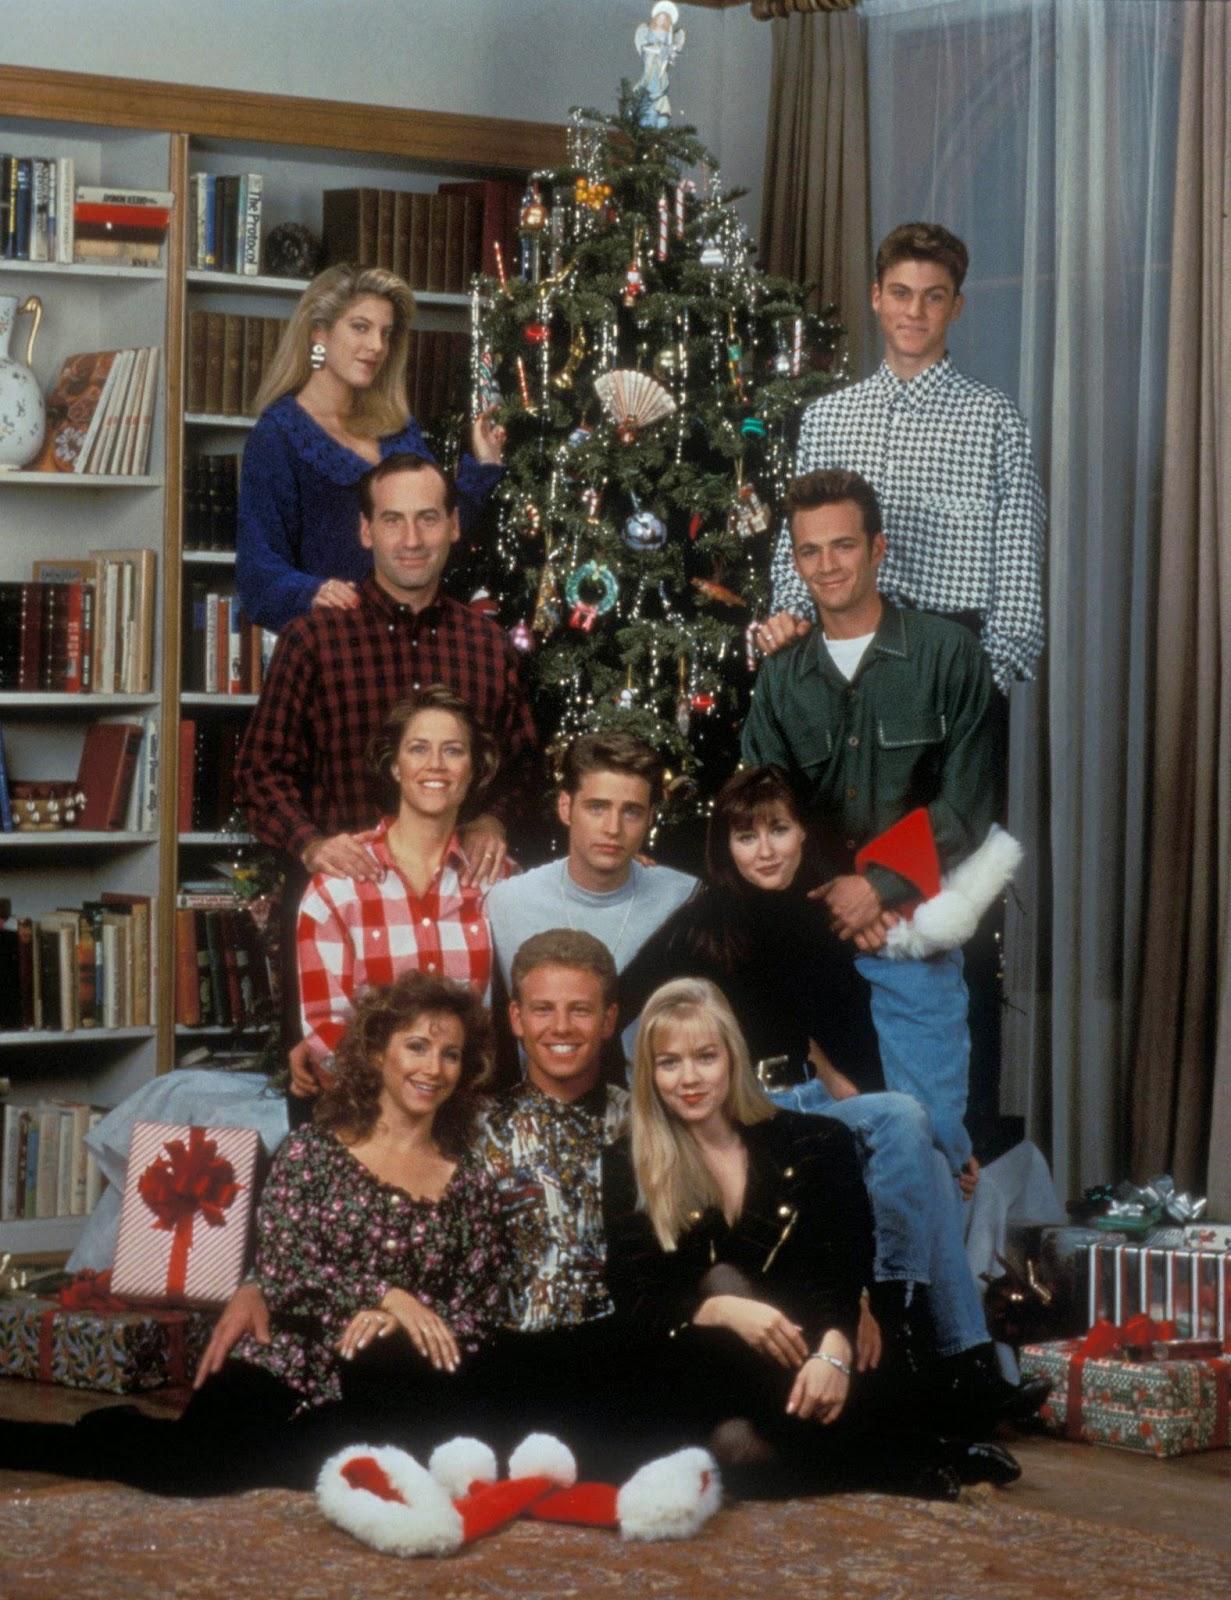 Come hanno festeggiato le feste gli attori di Beverly Hills 90210?